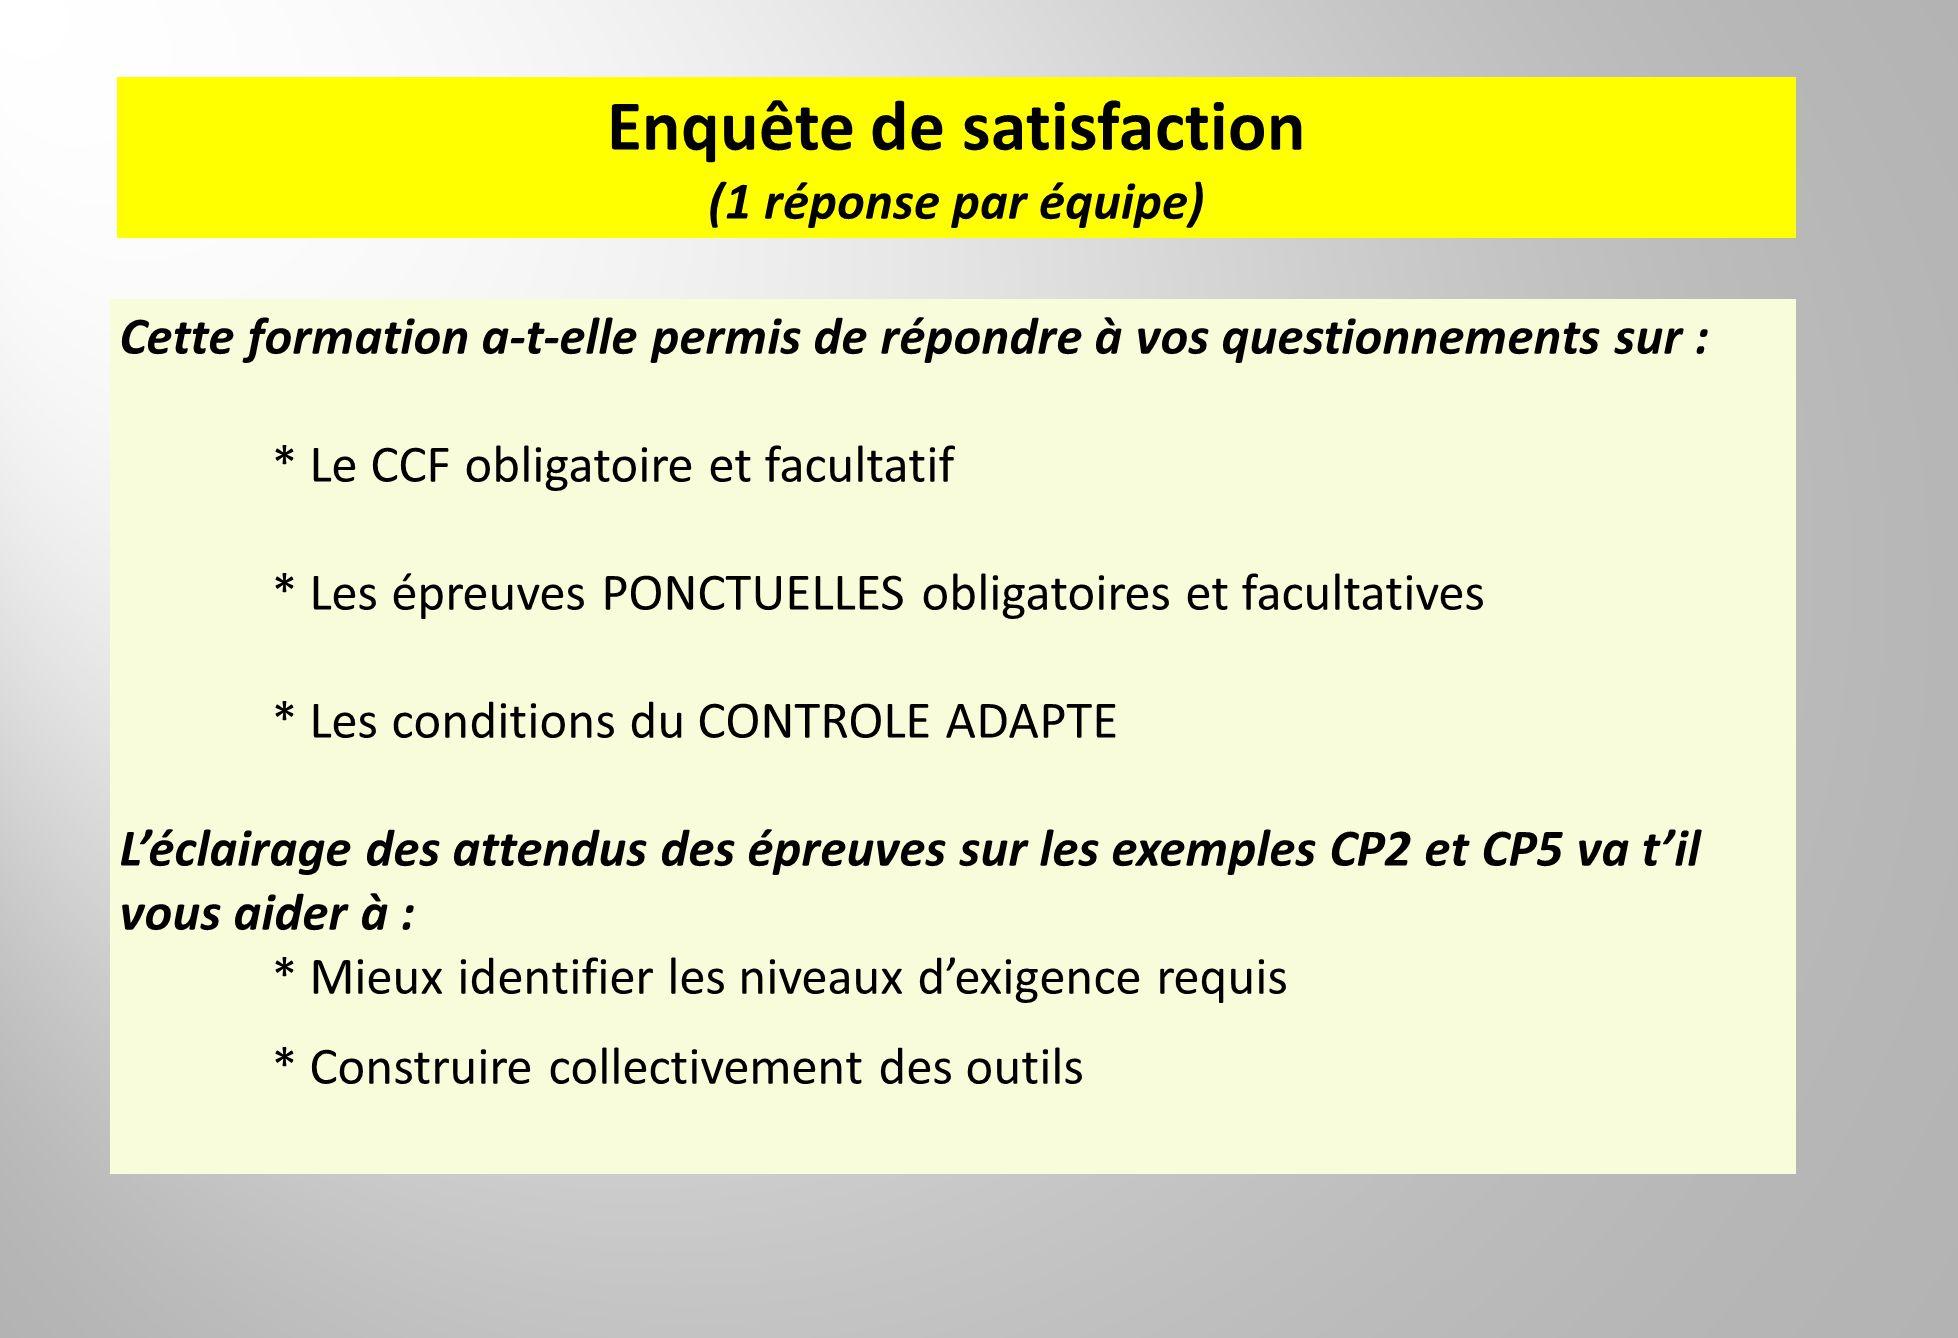 Cette formation a-t-elle permis de répondre à vos questionnements sur : * Le CCF obligatoire et facultatif * Les épreuves PONCTUELLES obligatoires et